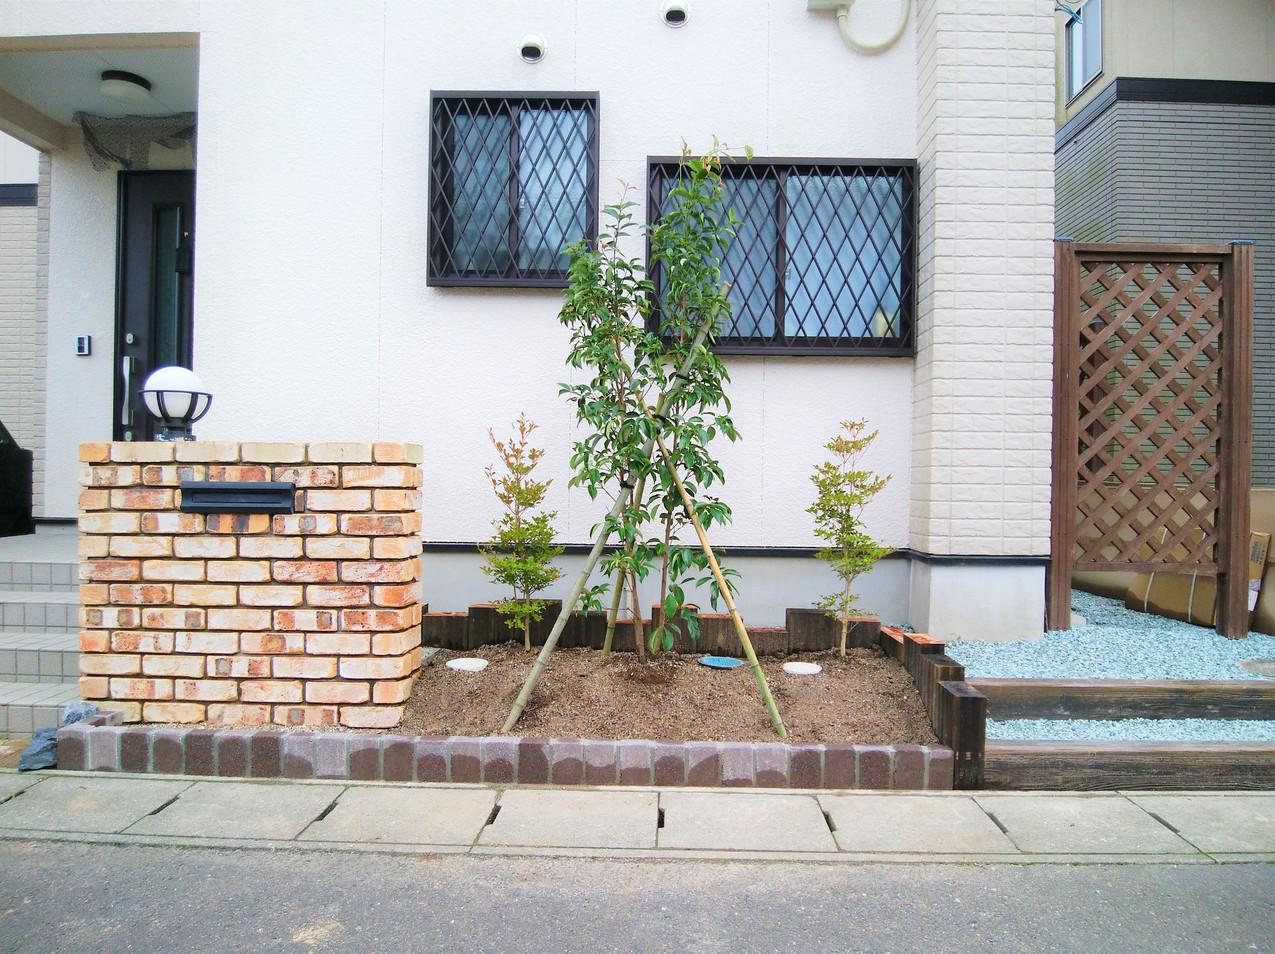 施工後:シンボルツリーを植えて犬走りへの階段を設置